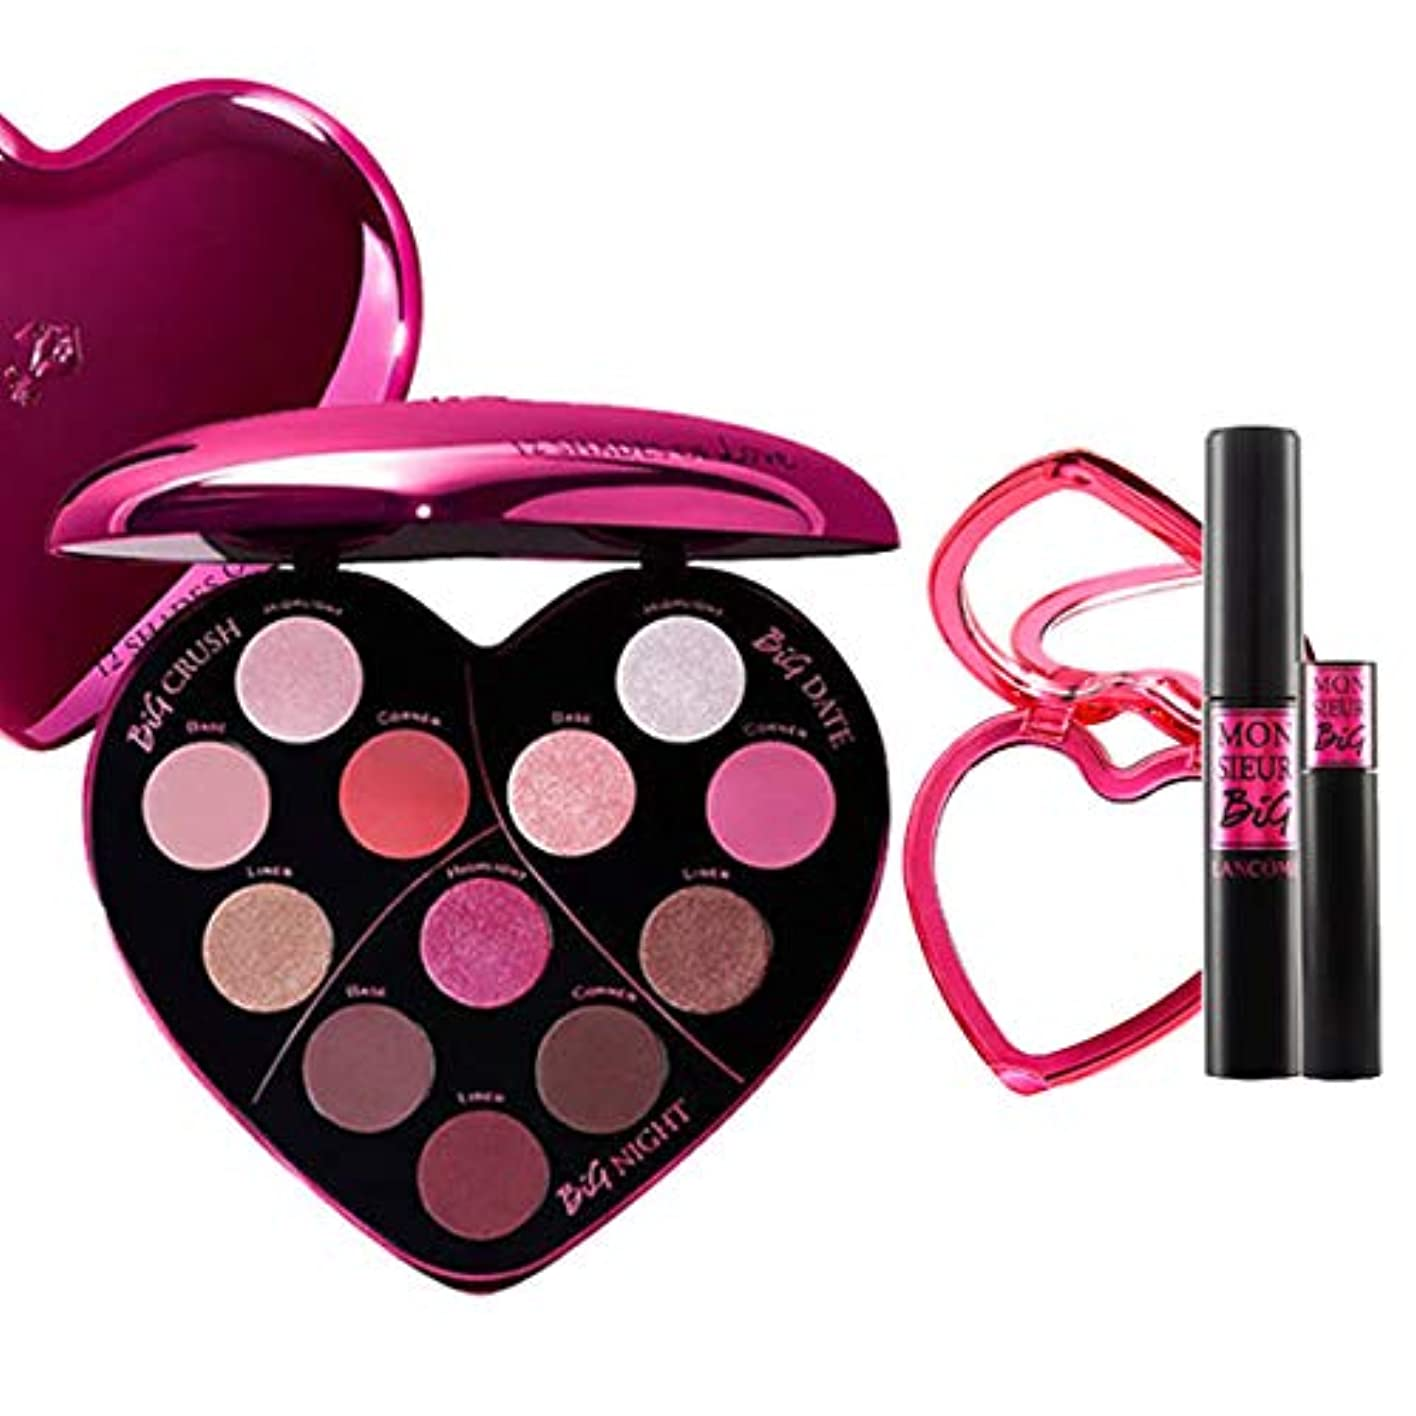 必須耐えられるつなぐランコム(LANCOME), 限定版 limited-edition Monsieur Big Heart-Shaped Eyeshadow Palette + Monsieur Big Birthday Mascara...